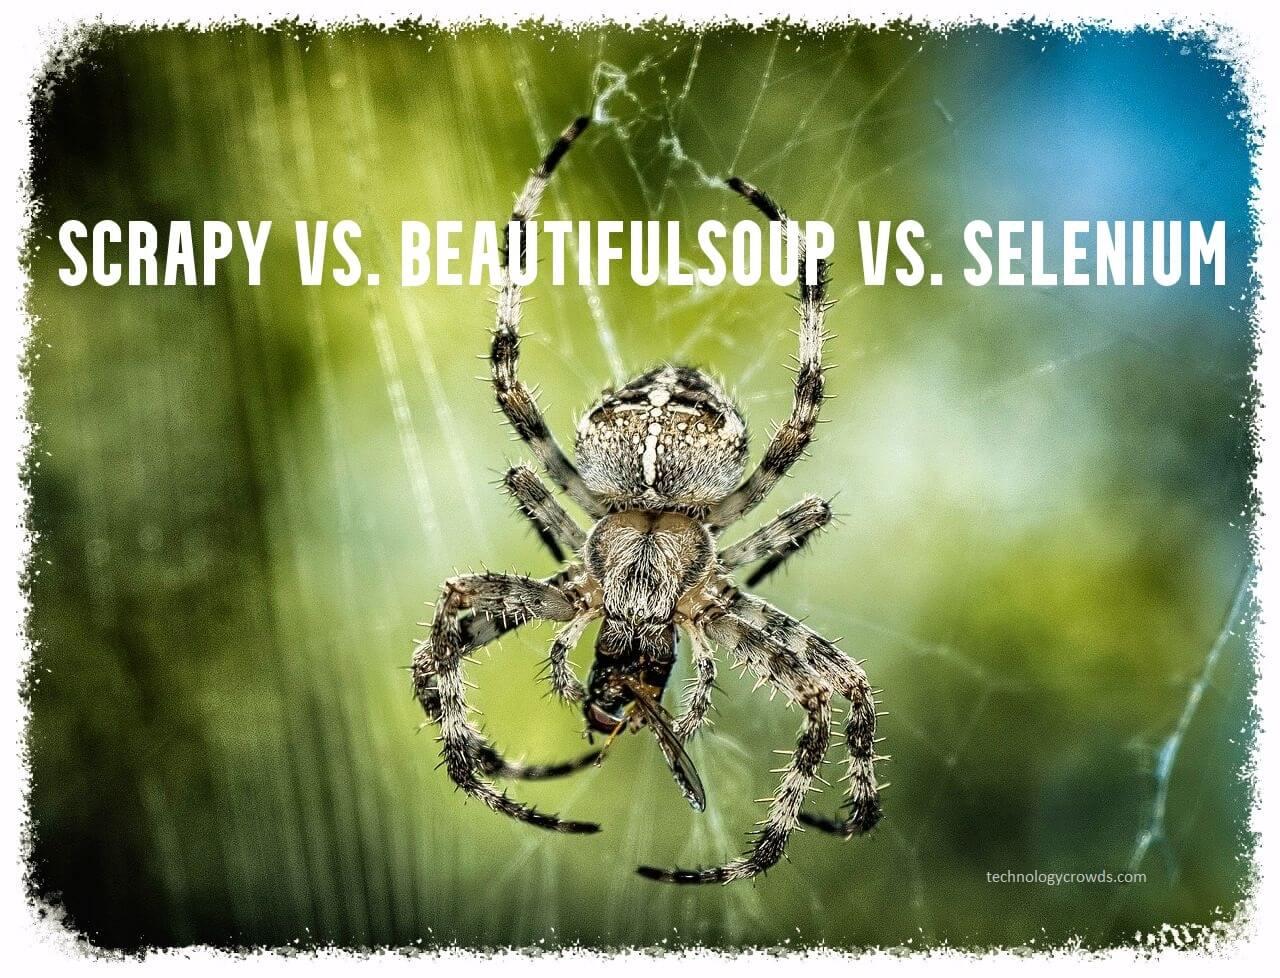 Web Scraping: Scrapy vs Beautifulsoup vs Selenium